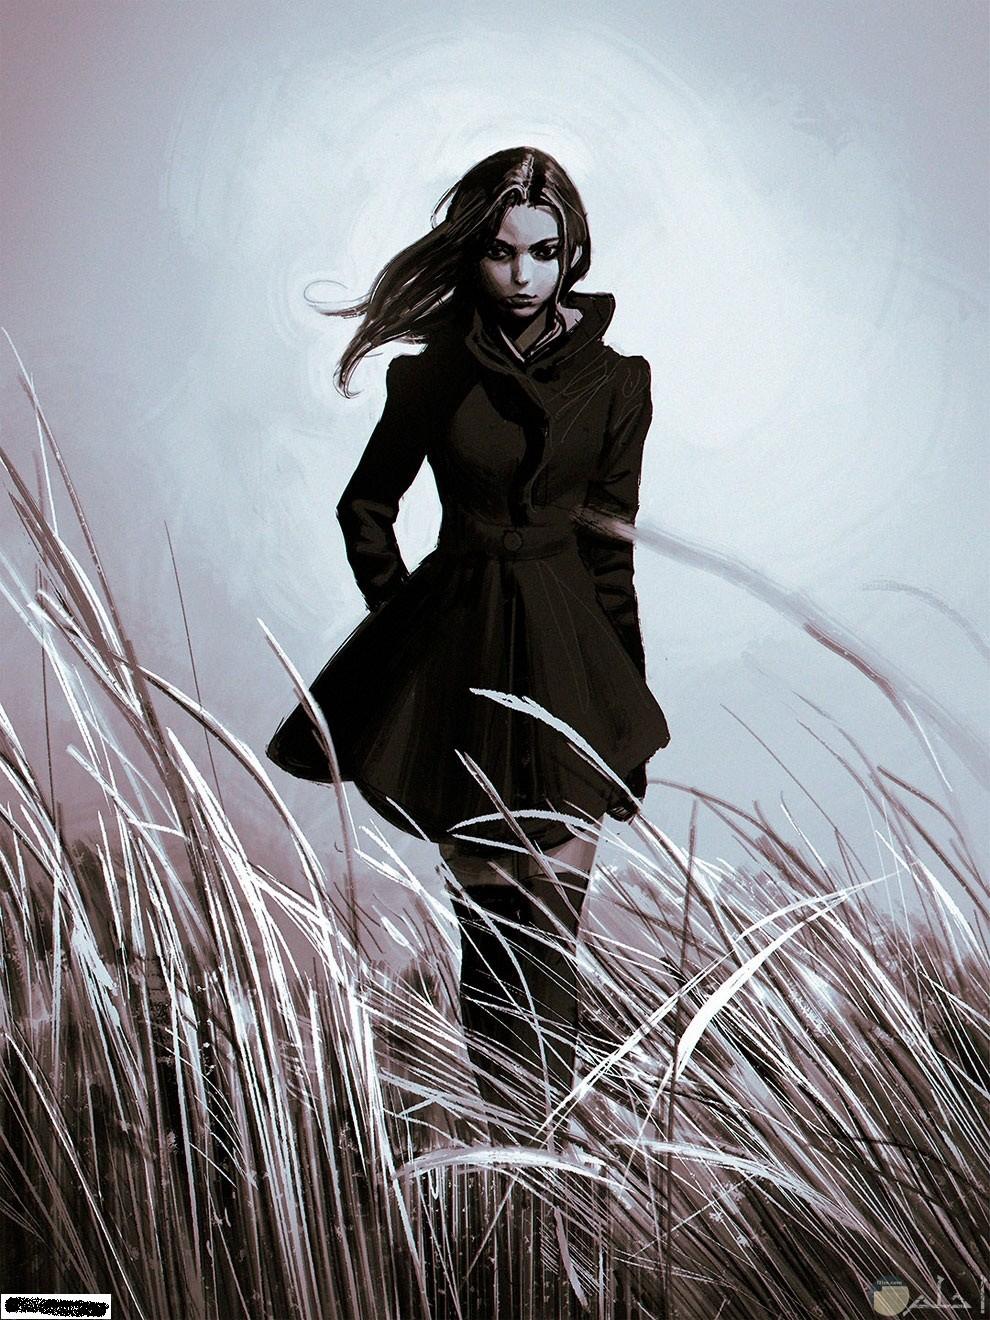 فتاة انمي وسط الحقل و الهواء يحرك الزرع من حولها.